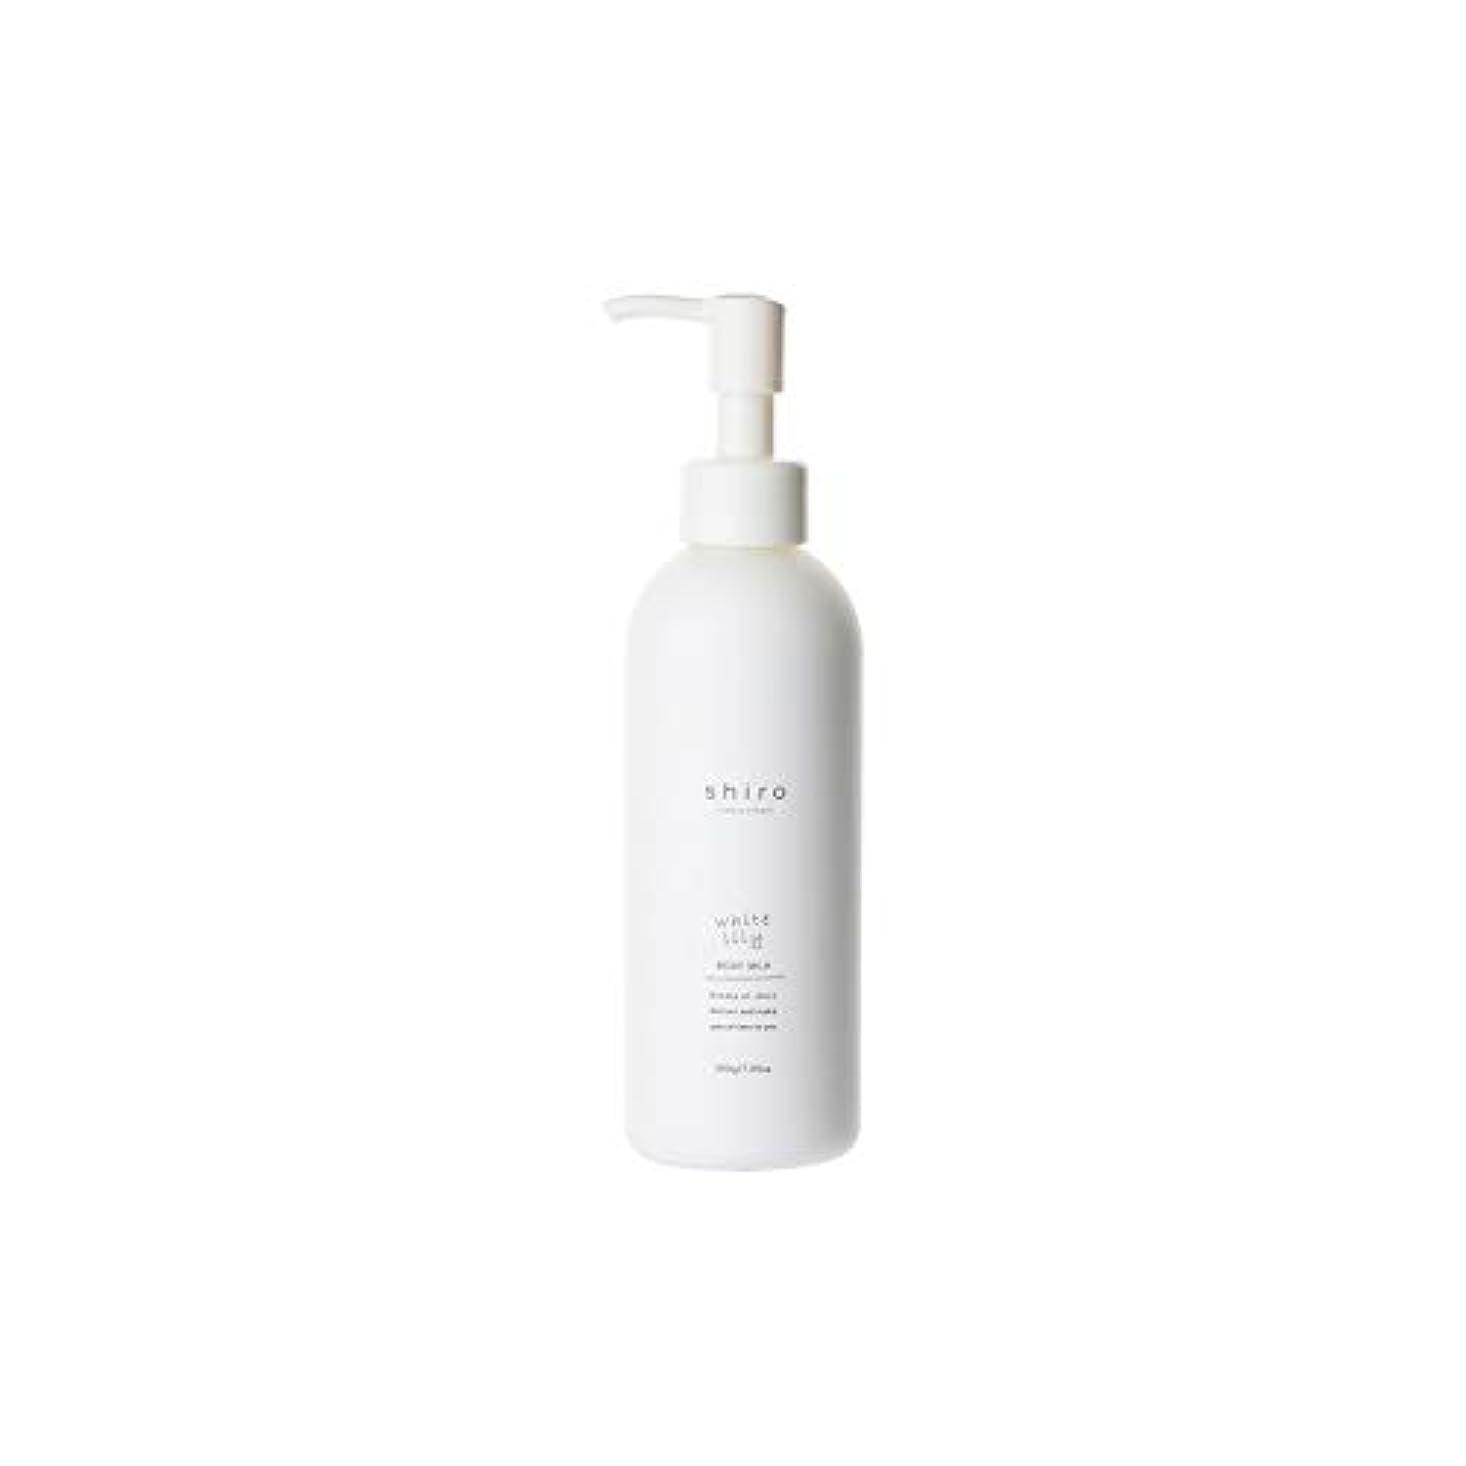 世界的に懐疑的グラフshiro white lily ホワイトリリー ボディミルク 200g